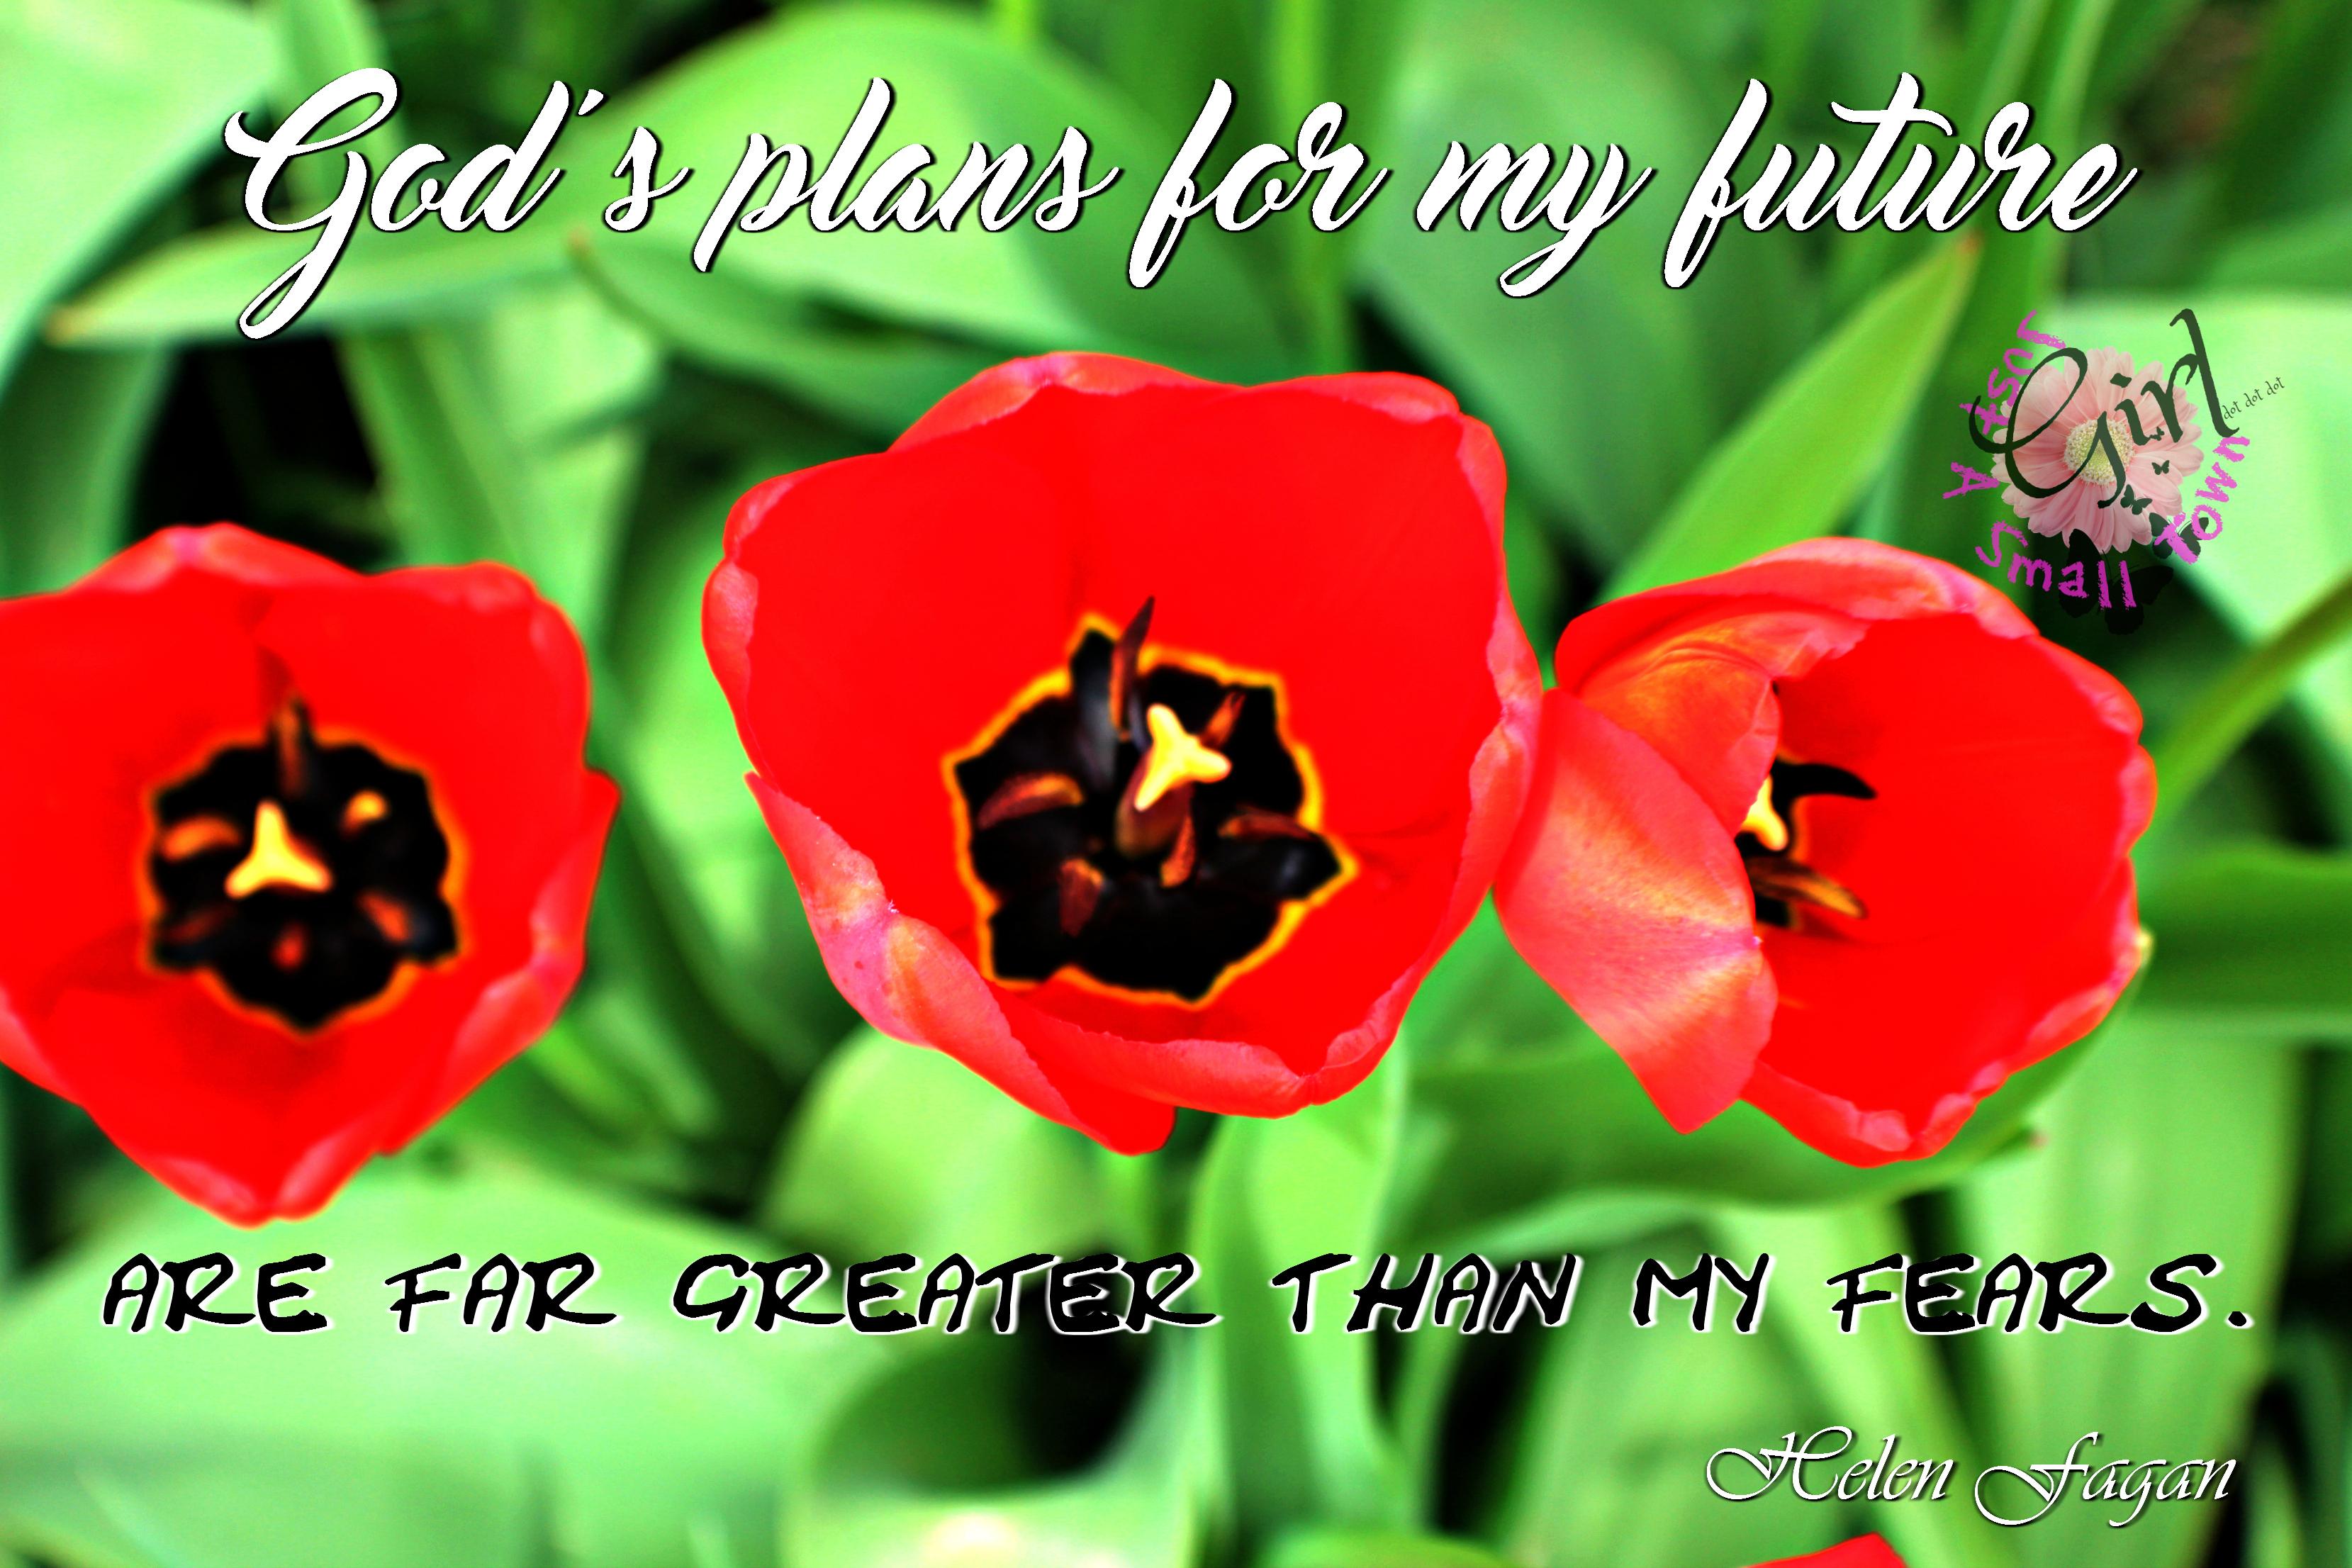 god's plans STG